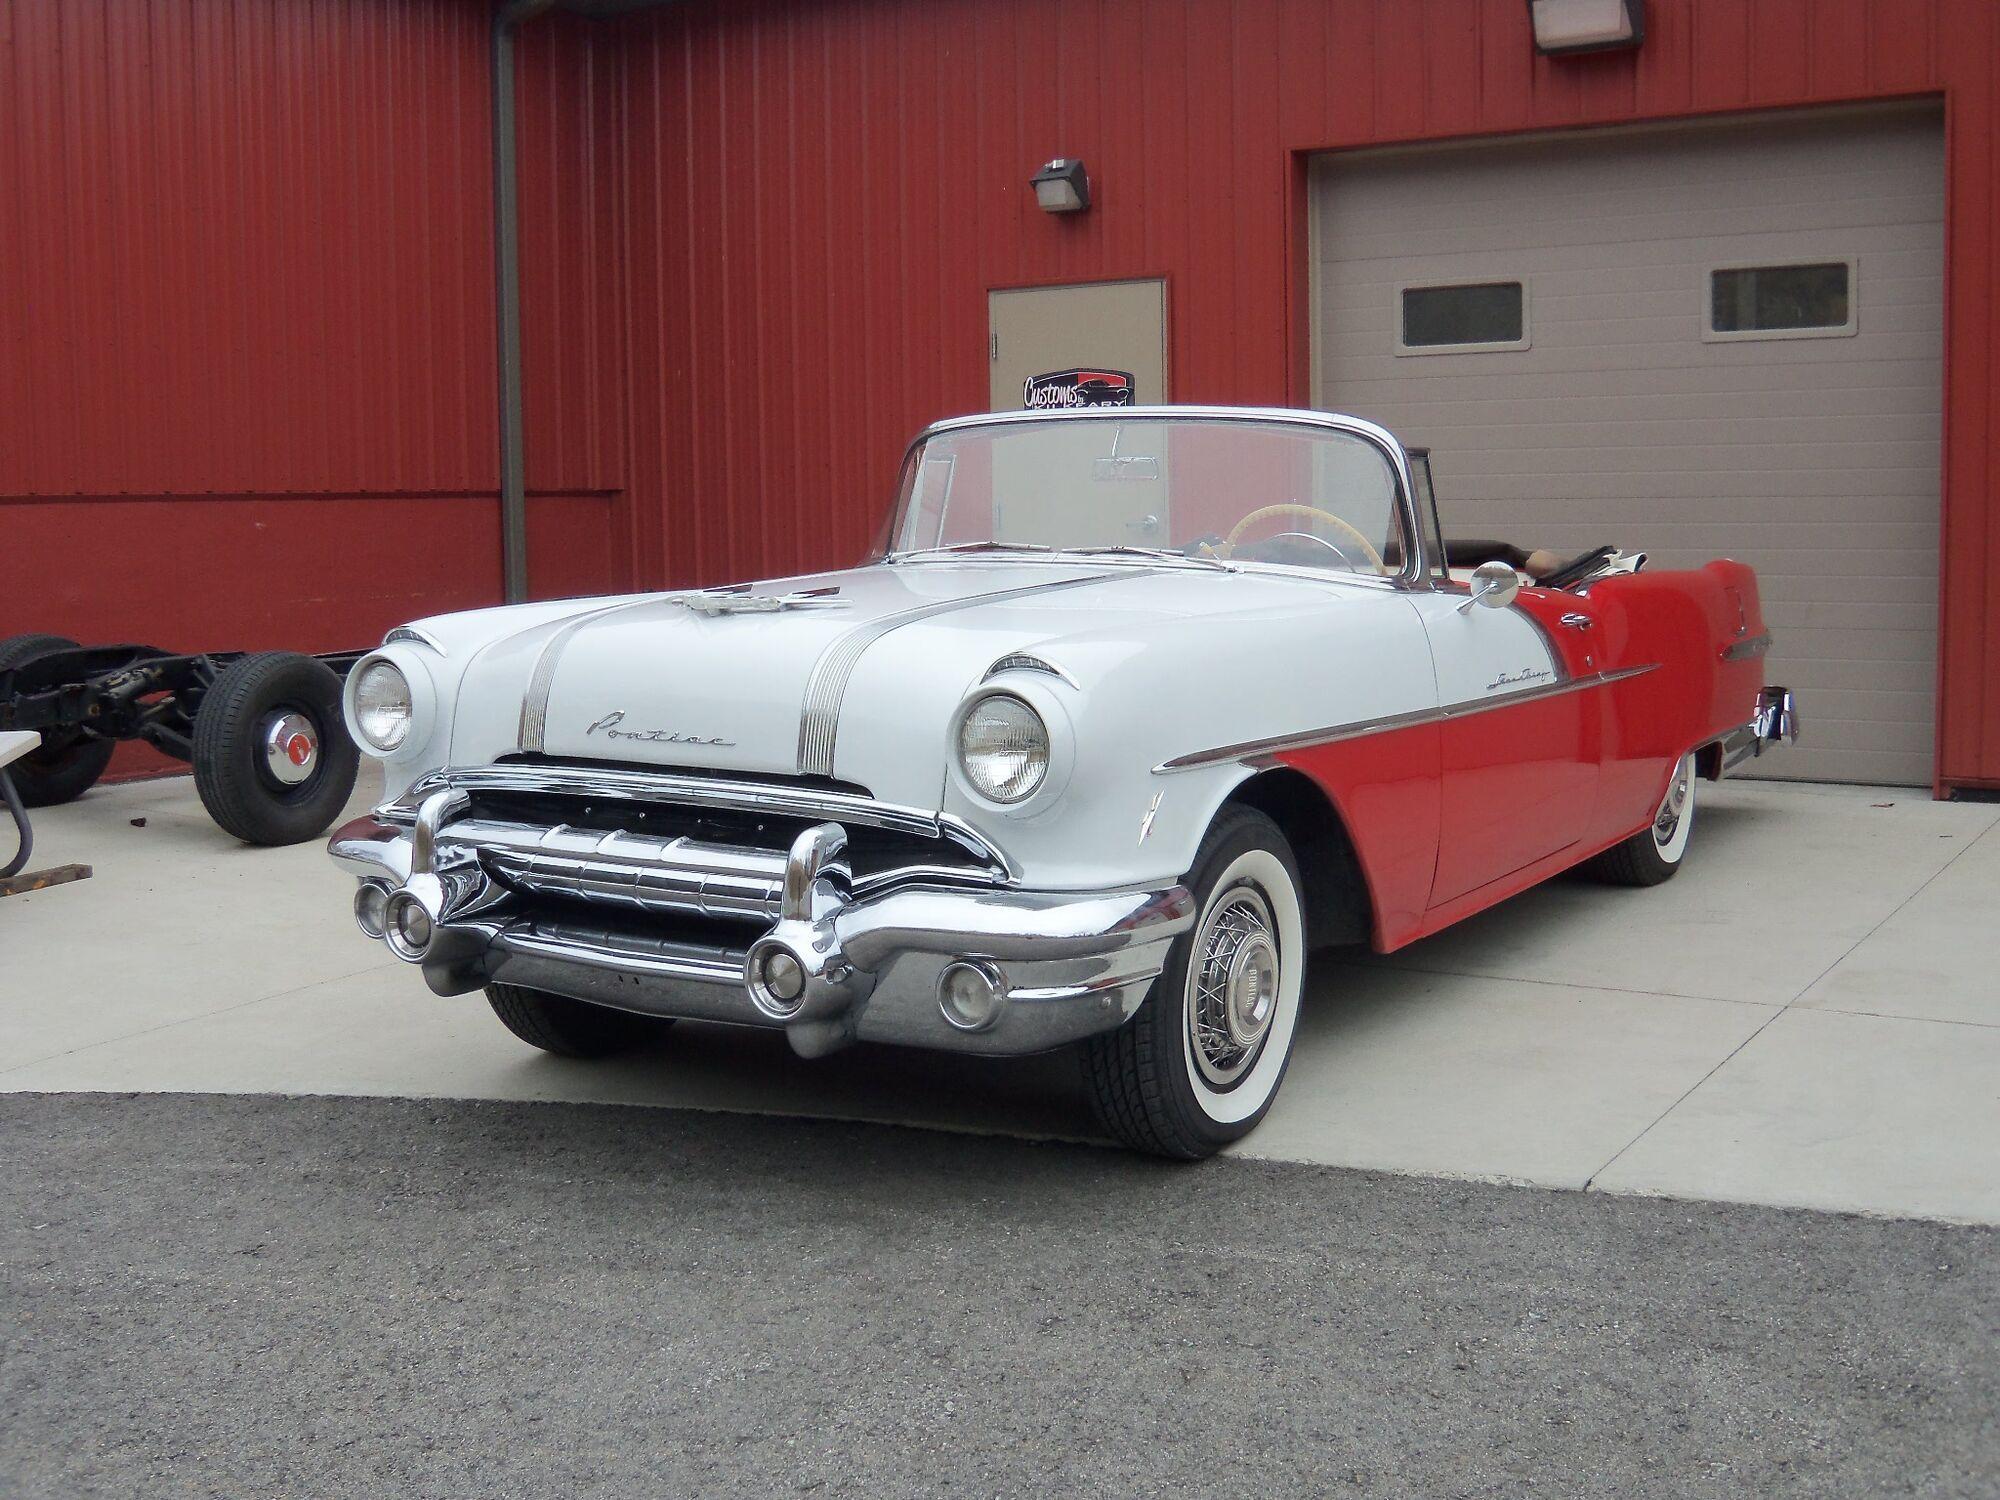 Основой для проекта послужил этот Pontiac Star Chief Convertible 1956 года